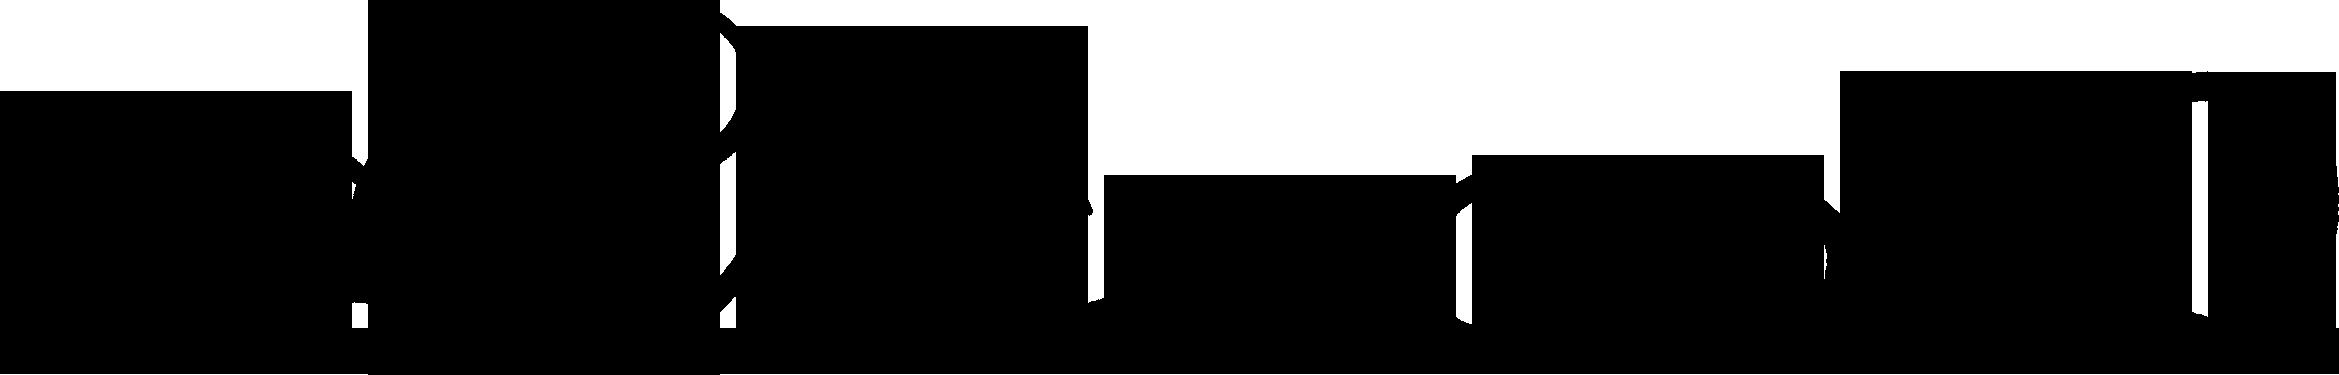 Black swirl border clip. Clipart borders simple